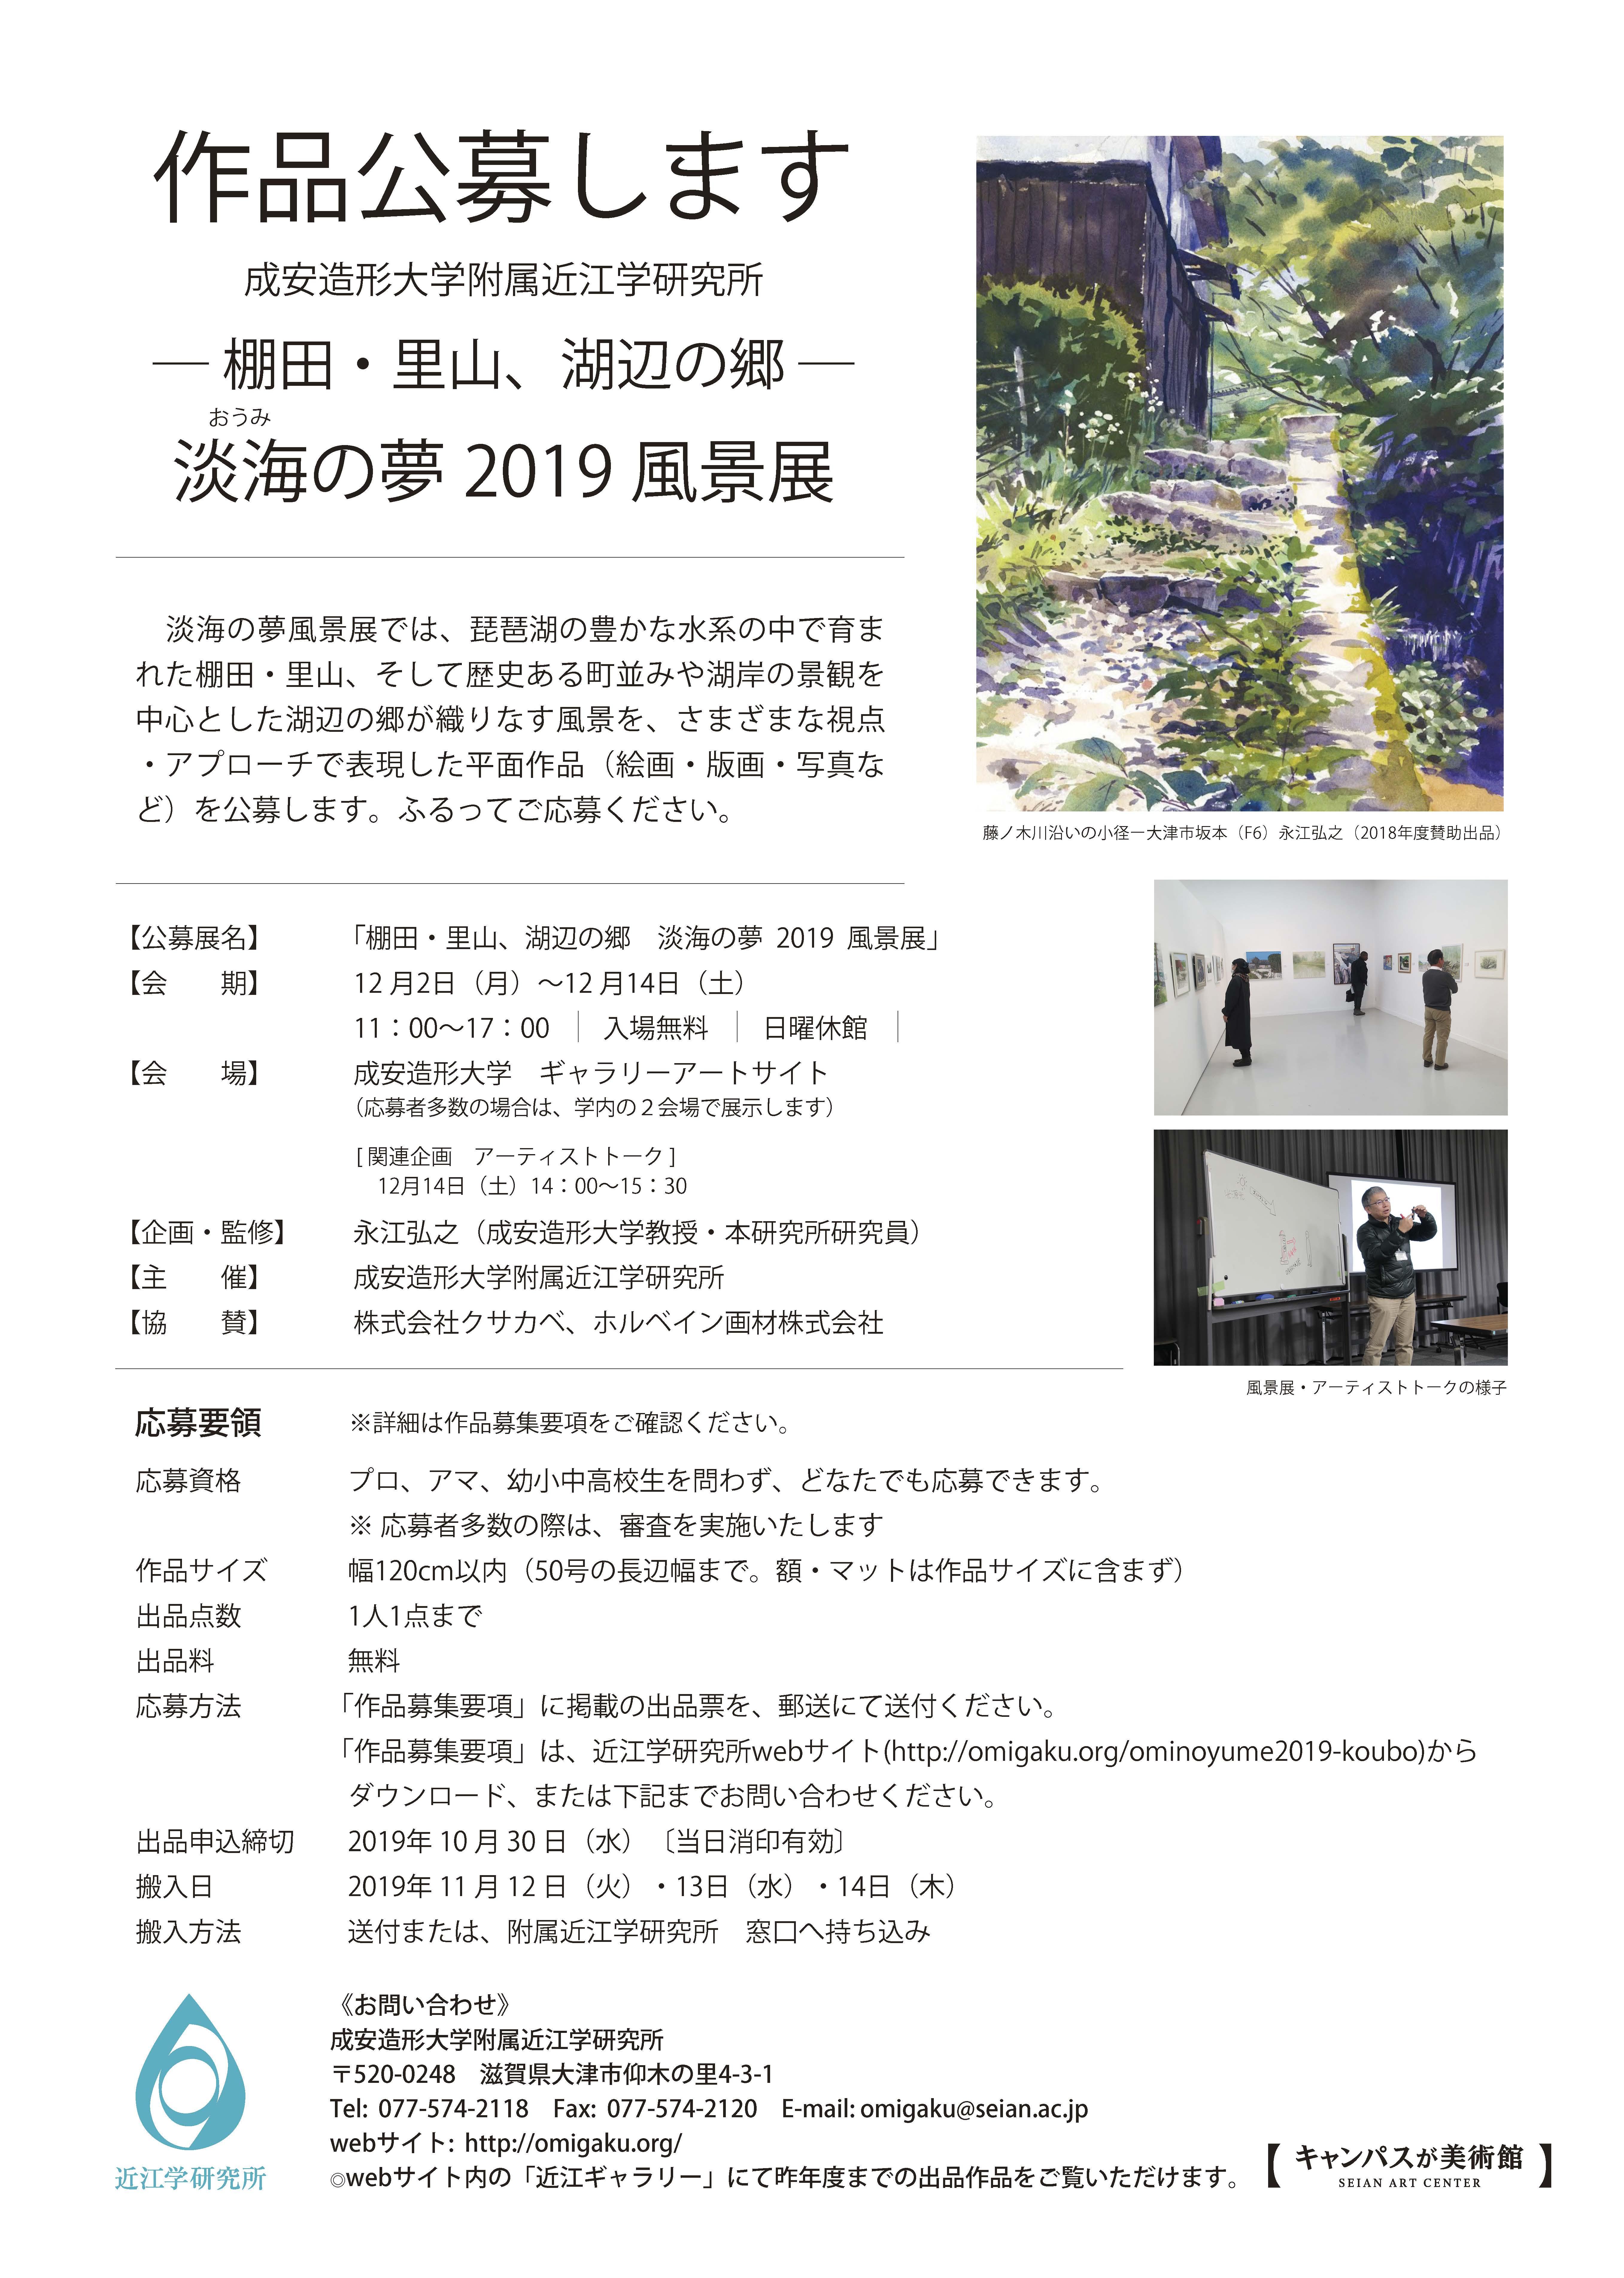 「淡海の夢2019風景展」出品作品公募します。